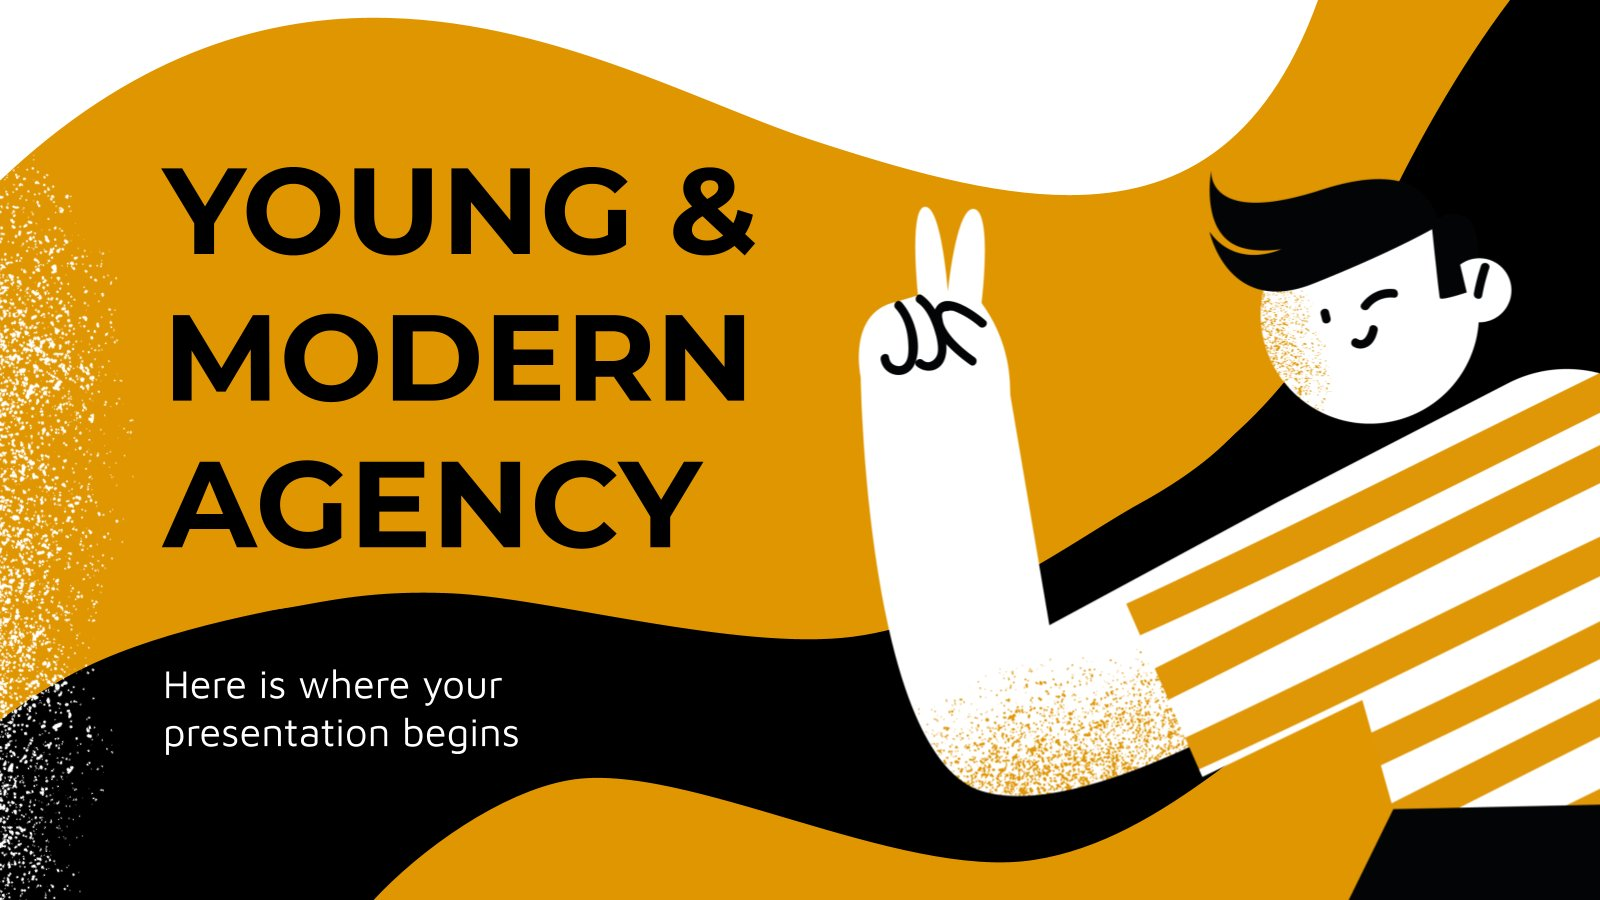 Plantilla de presentación Agencia moderna y joven